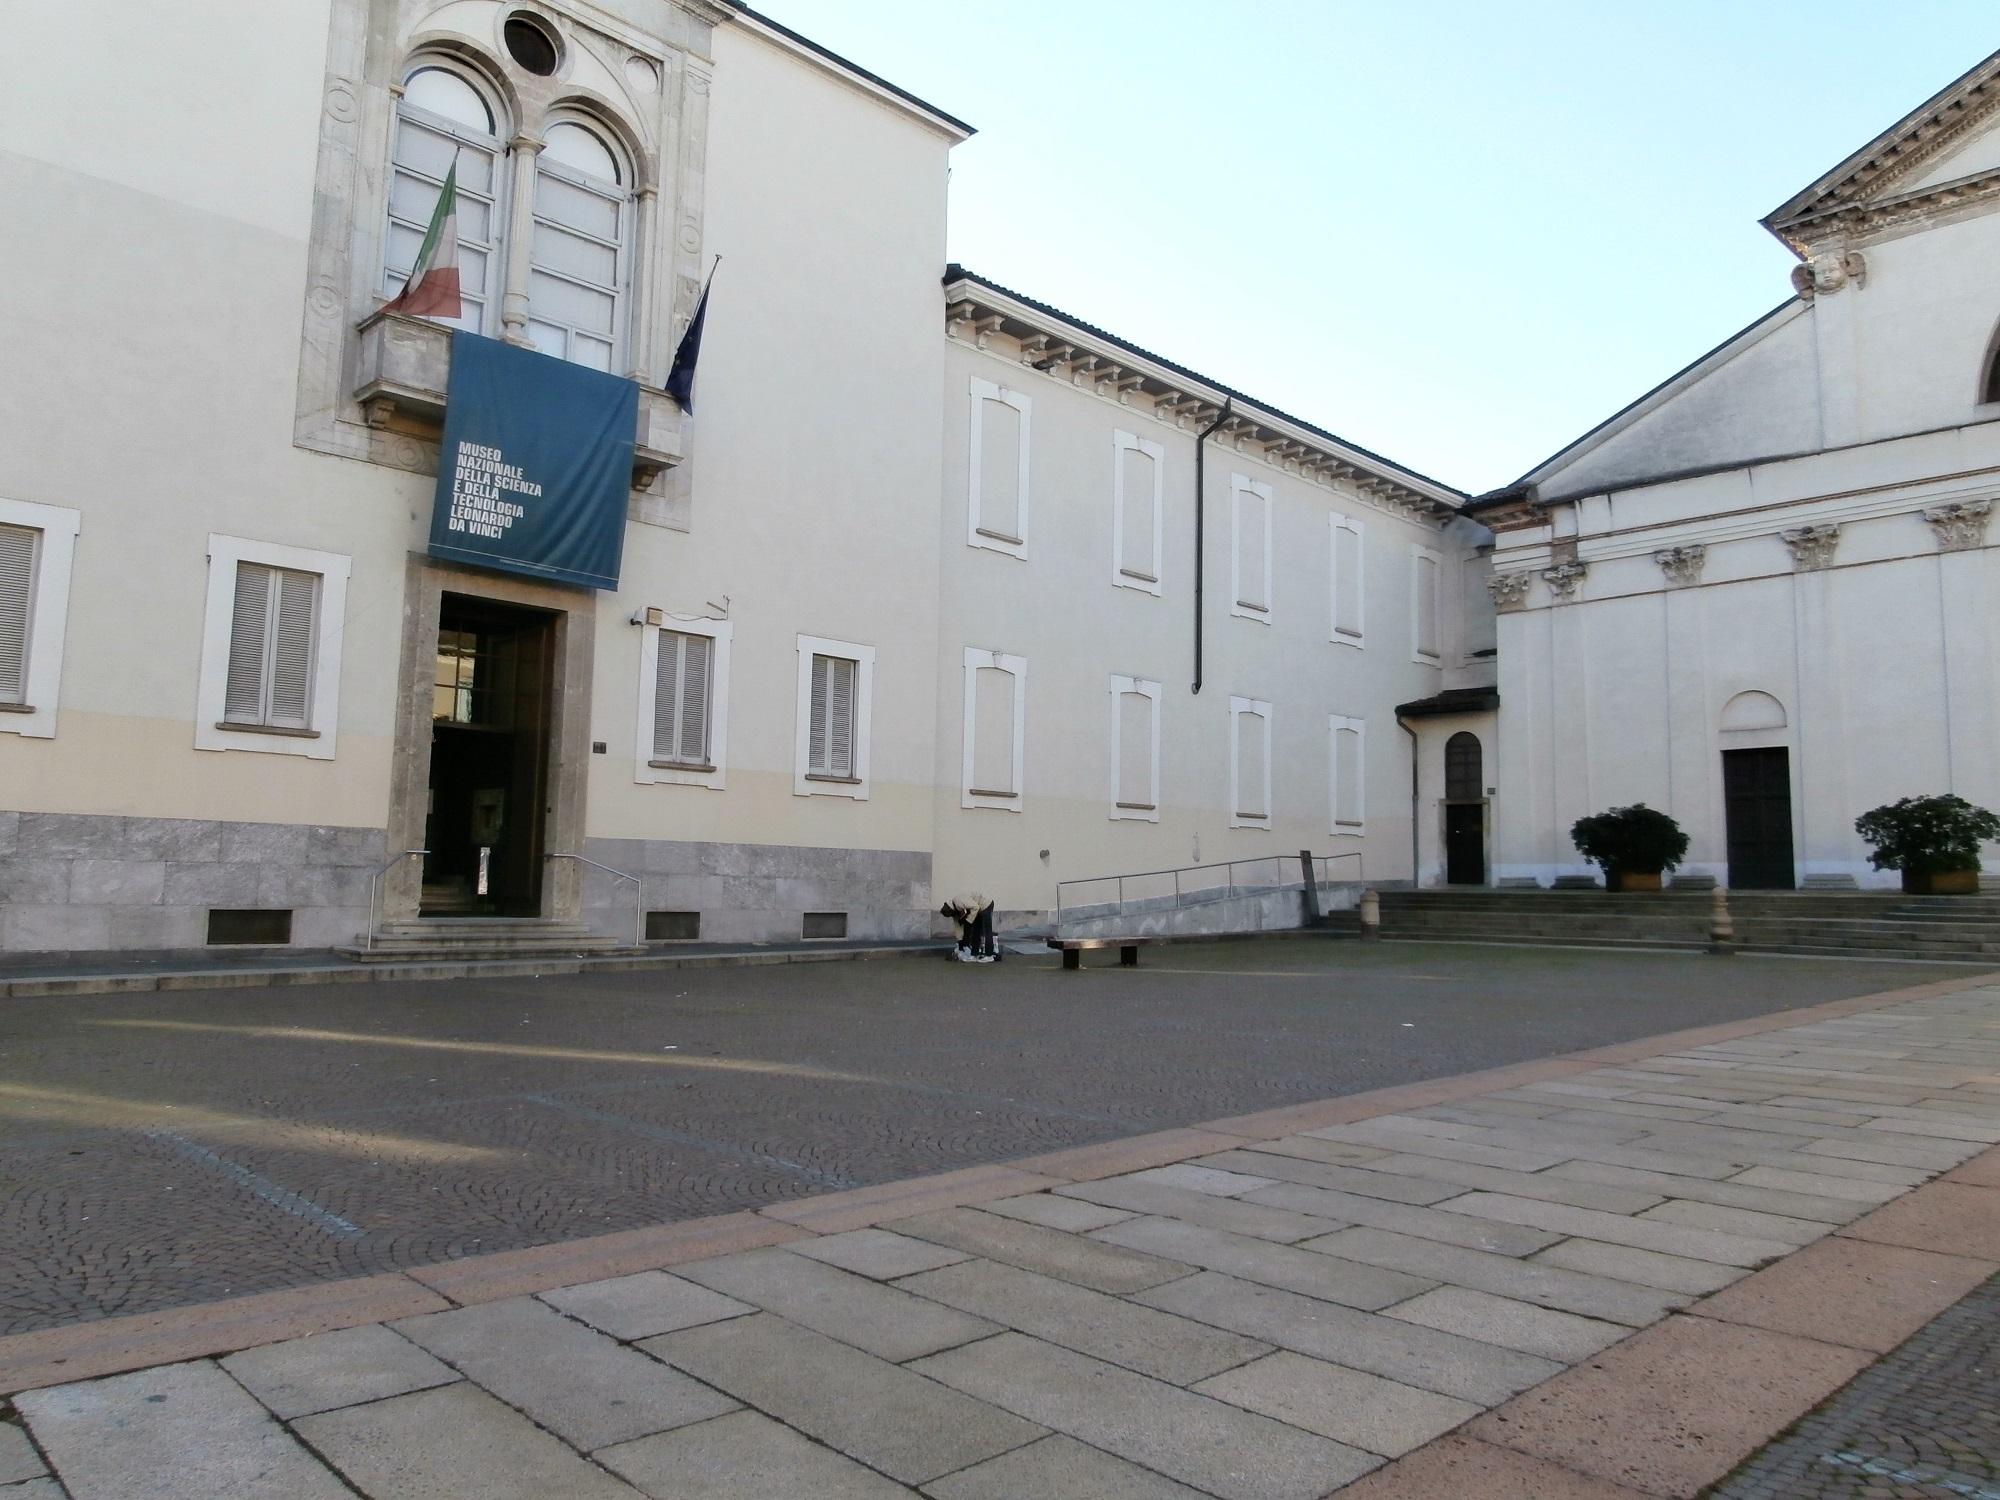 Museo Della Scienza E Della Tecnica Milano.Milanopertutti Accessibilita Strutture